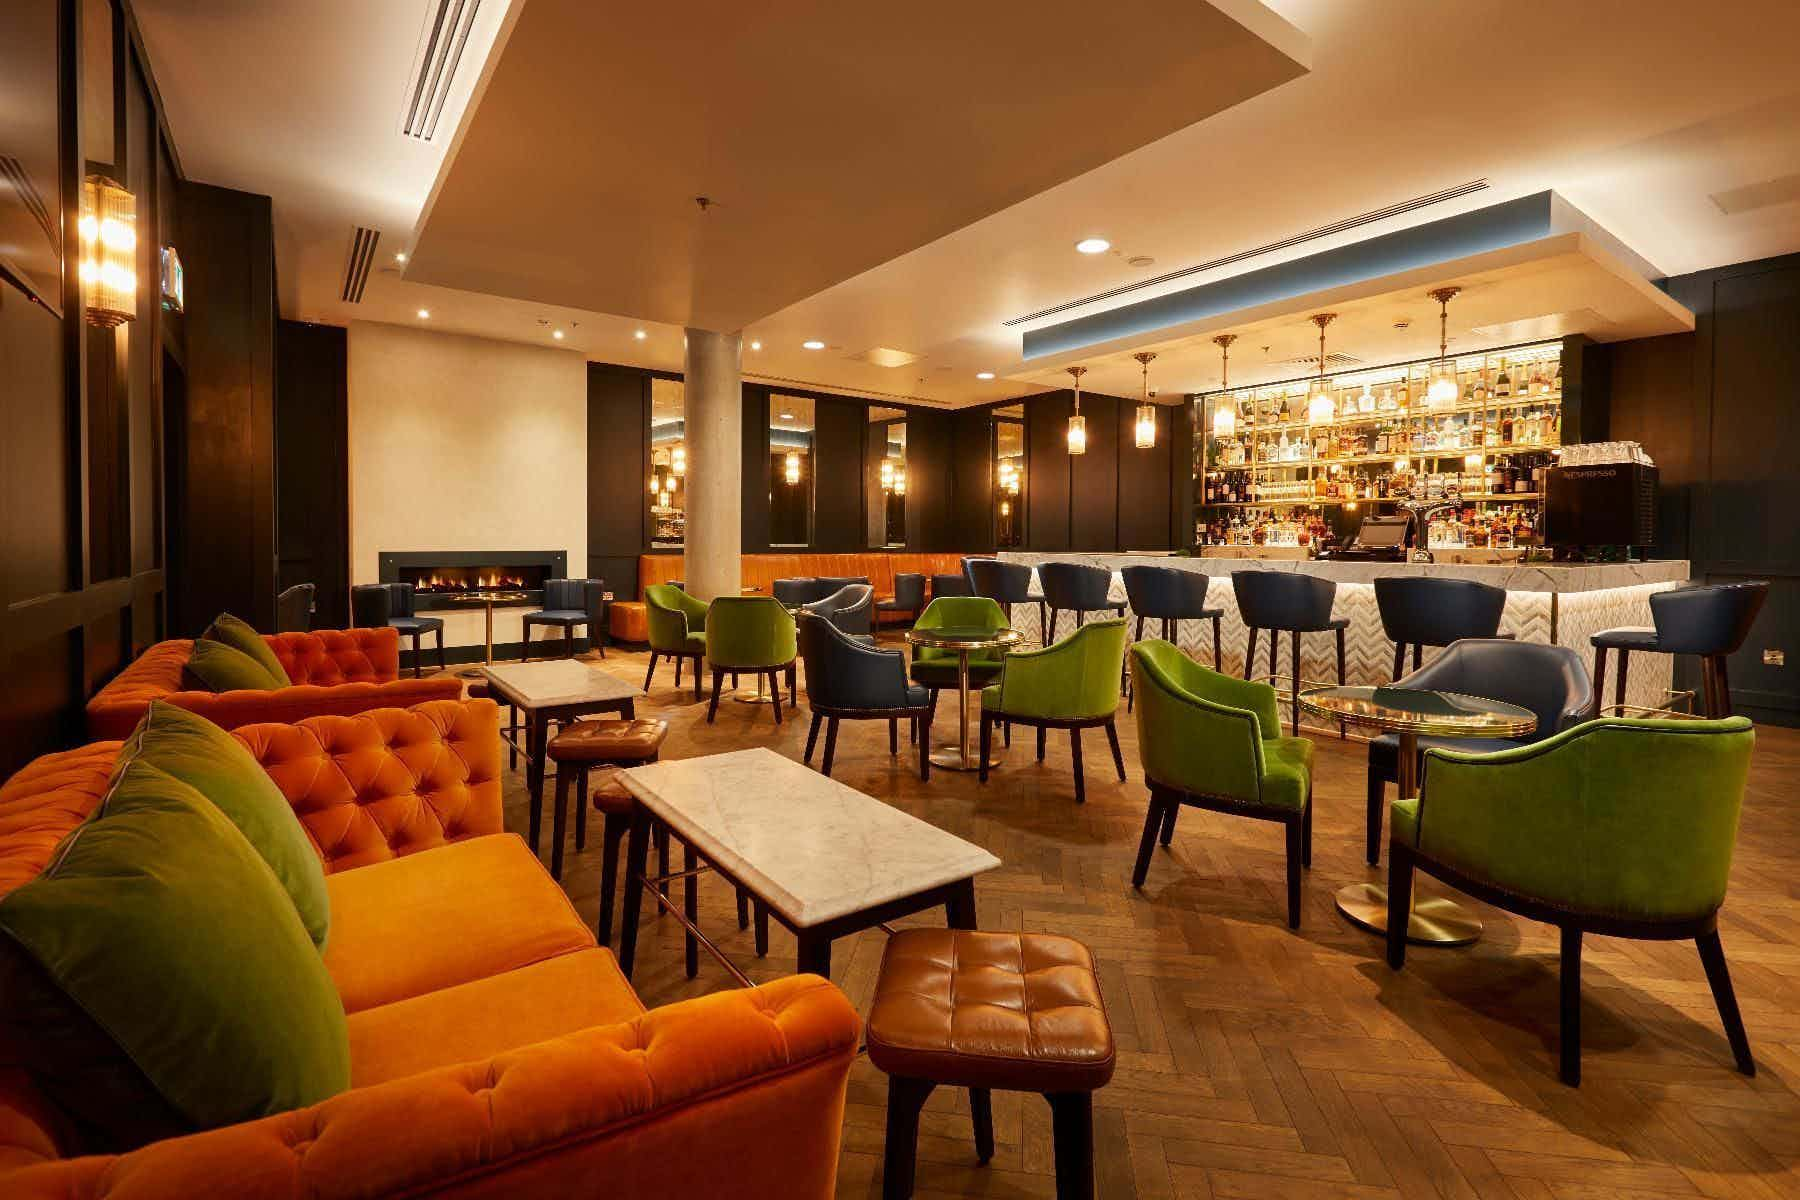 The Chaplin Bar, Marlin Waterloo